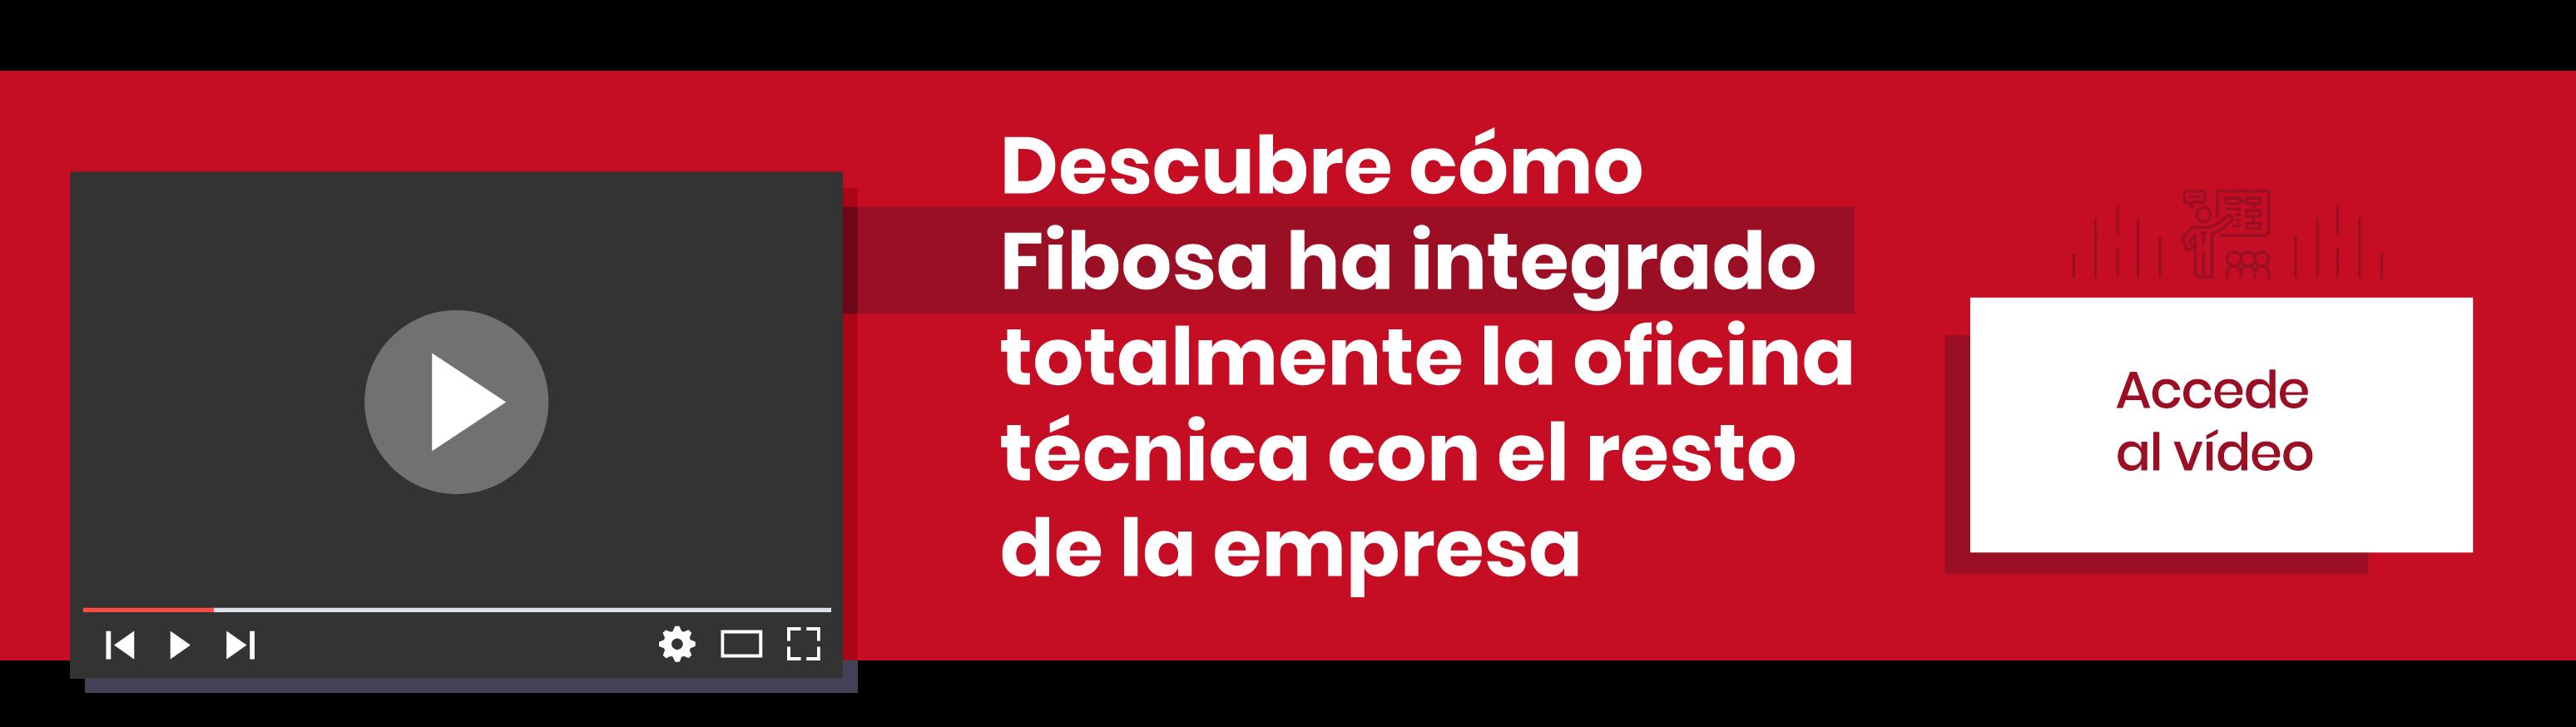 Descubre cómo Fibosa ha integrado totalmente la oficina técnica con el resto de la empresa